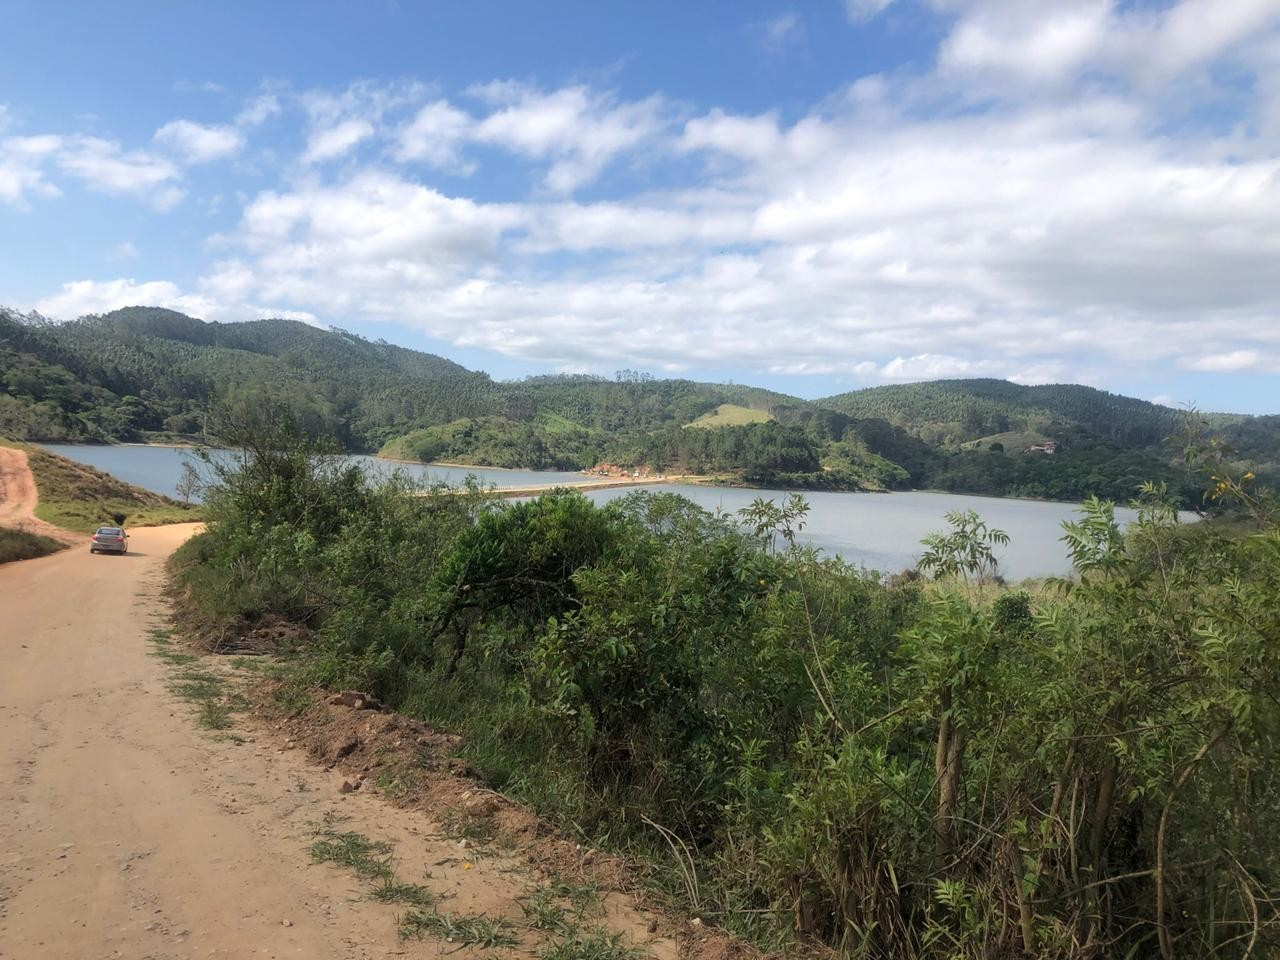 Nível de chuva acumulado em outubro não chega a 50% do esperado para o mês no Sistema Produtor do Alto Tietê, aponta Sabesp